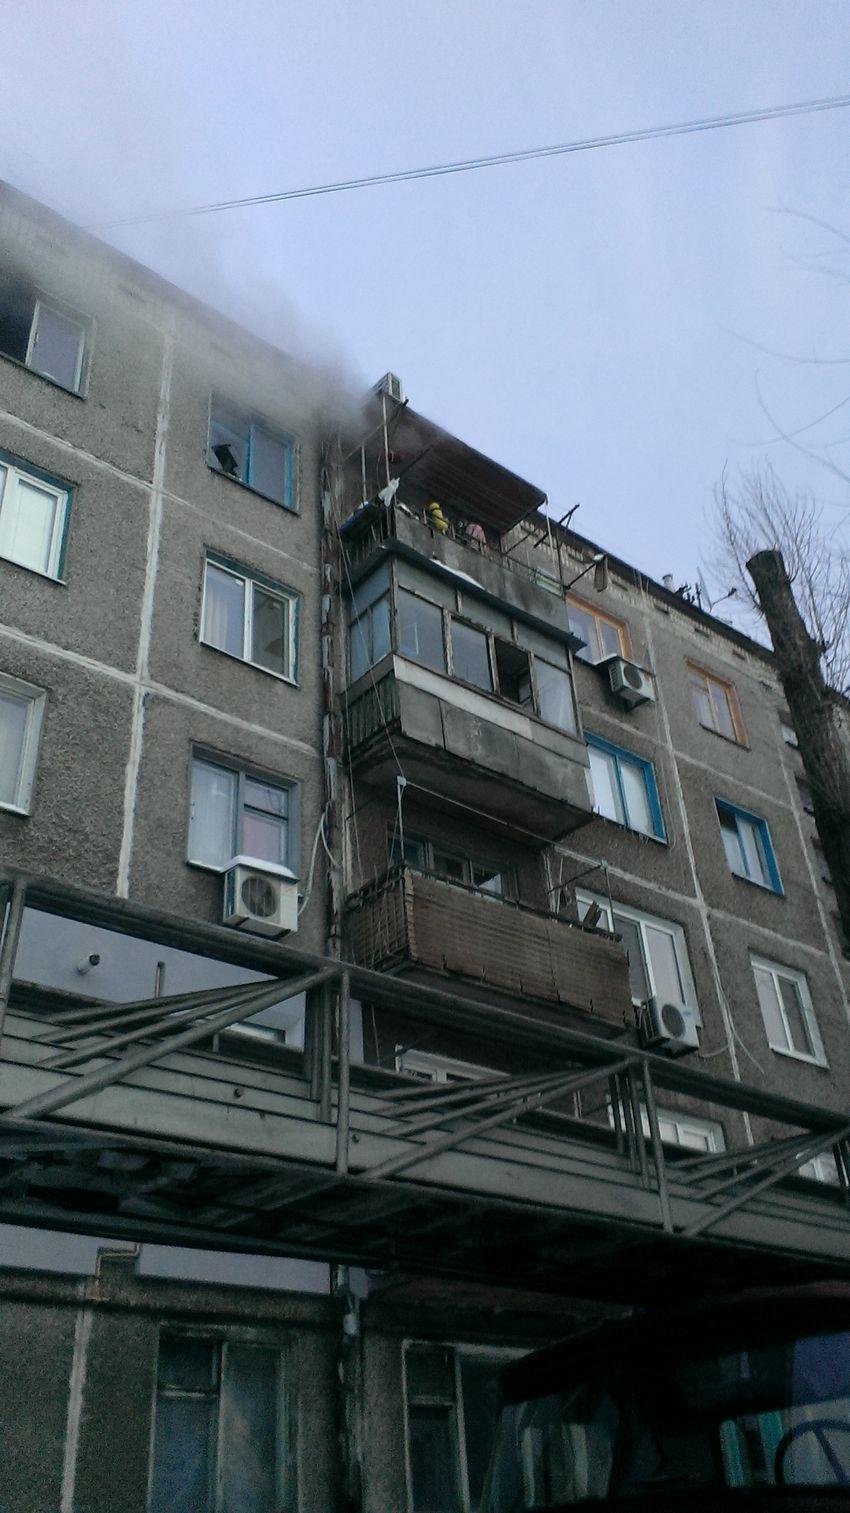 В днепродзержинске женщины мерзли на балконе, спасаясь от по.